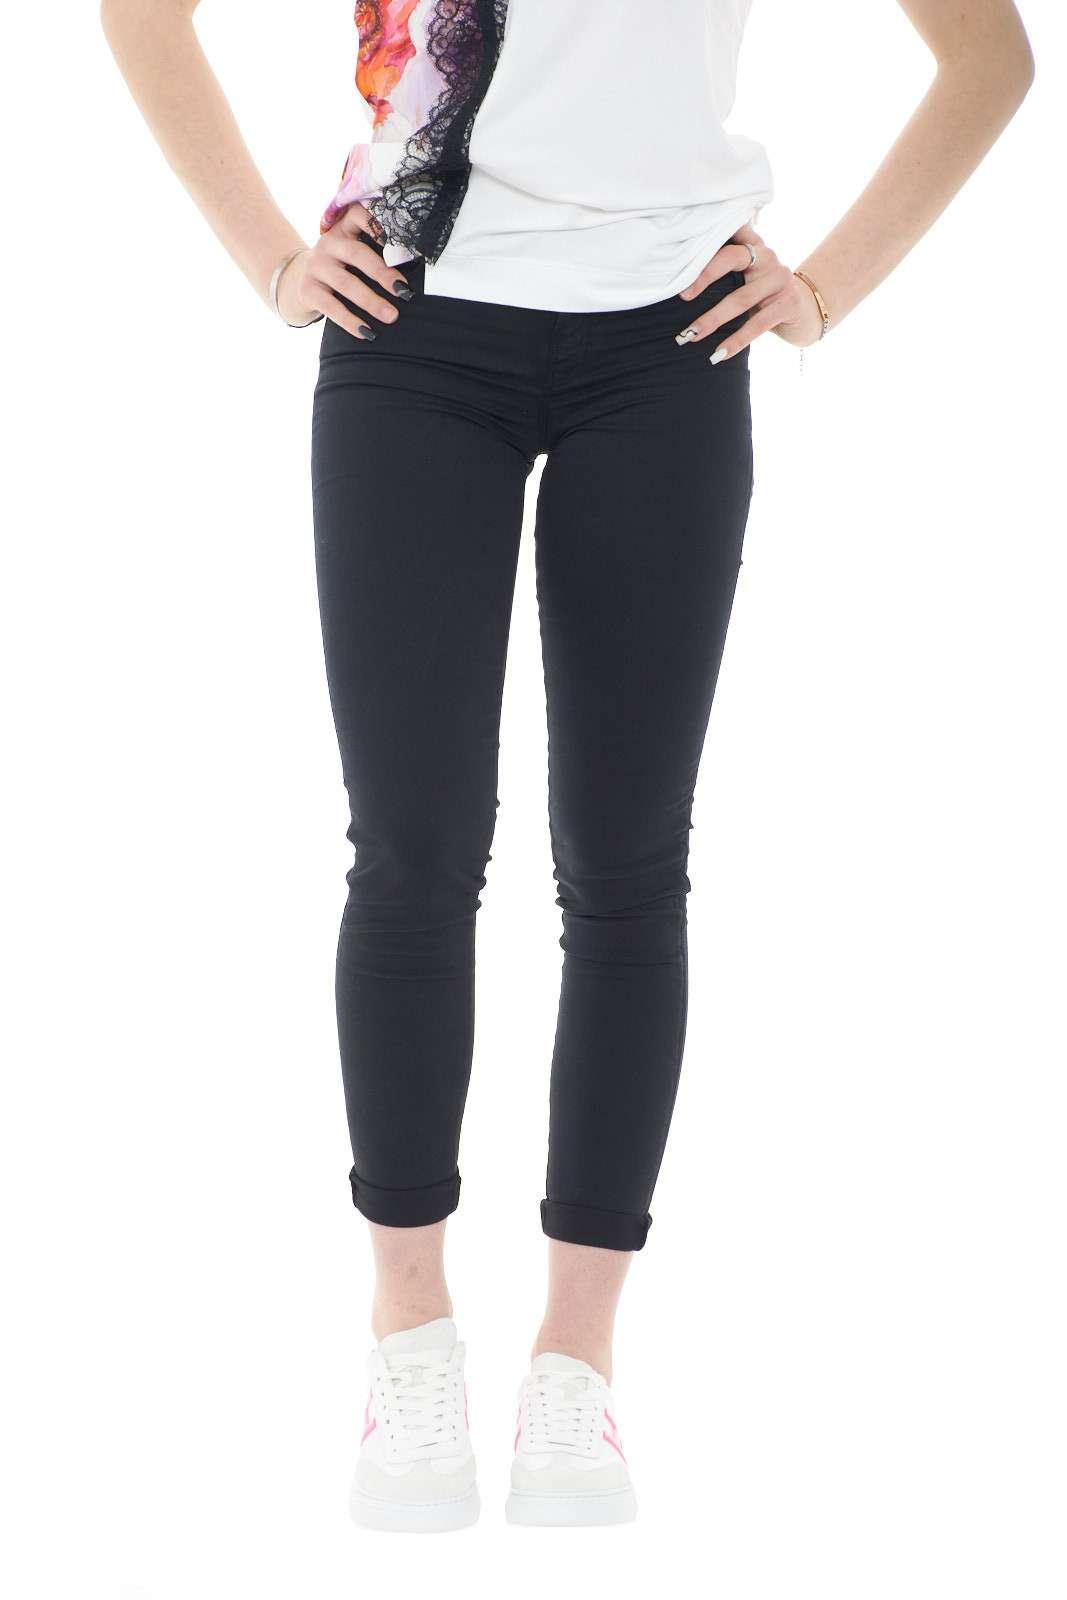 Un jeans in cotone morbido ed elegante, quello proposto dalla collezione Guess. Ideale da indossare per le occasioni di tutti i giorni o nelle giornate lavorative per la sua comodità, Perfetto per la stagione estiva di questo 2021.